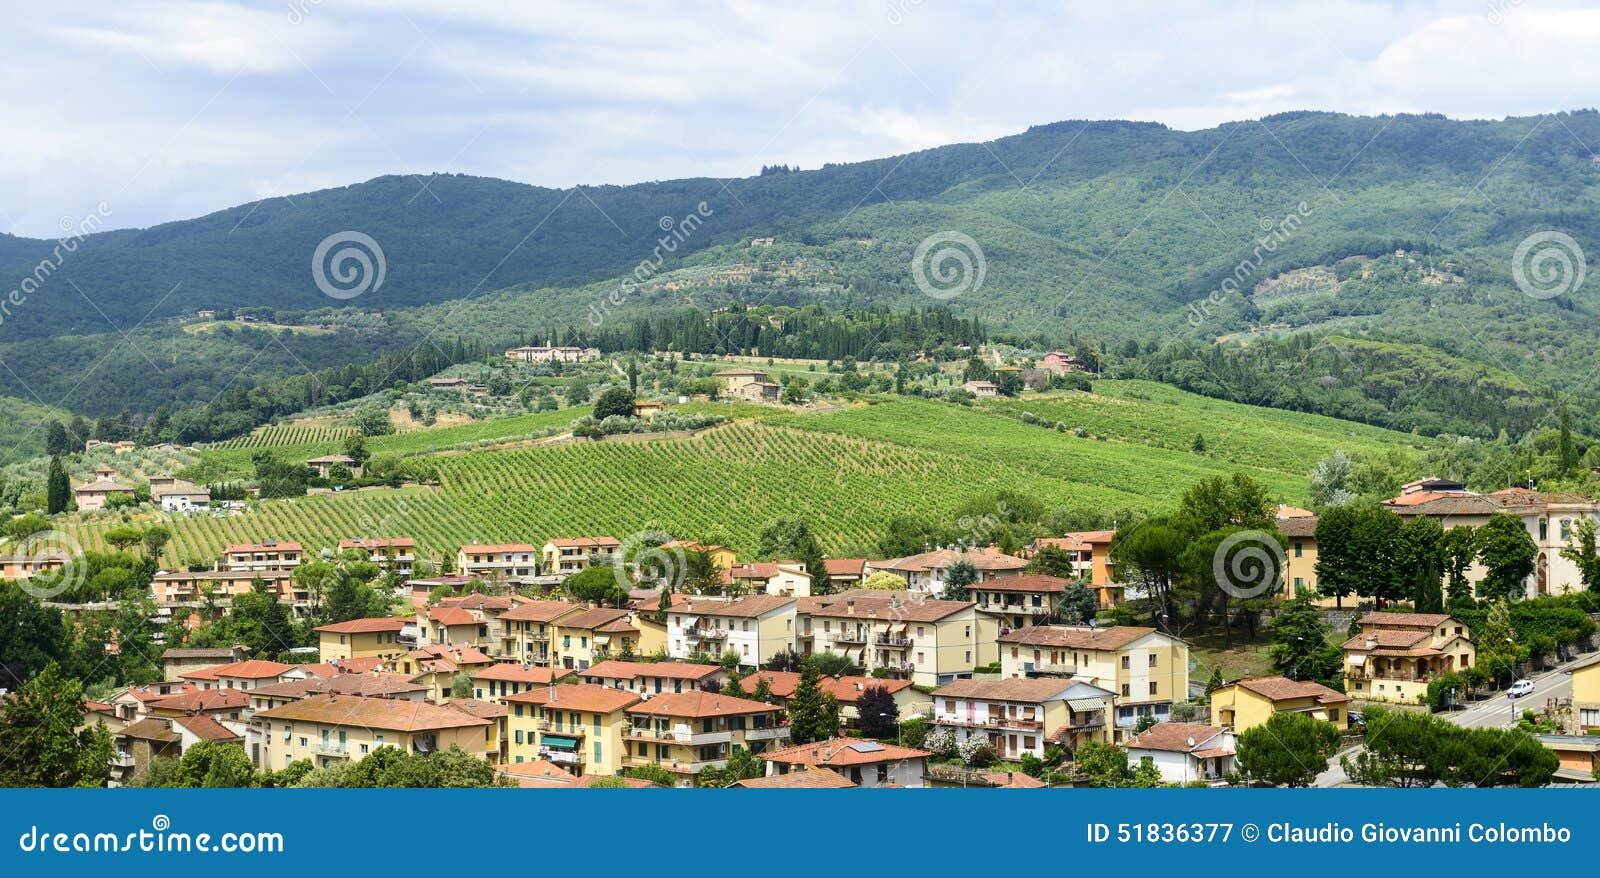 Greve im Chianti, Toskana